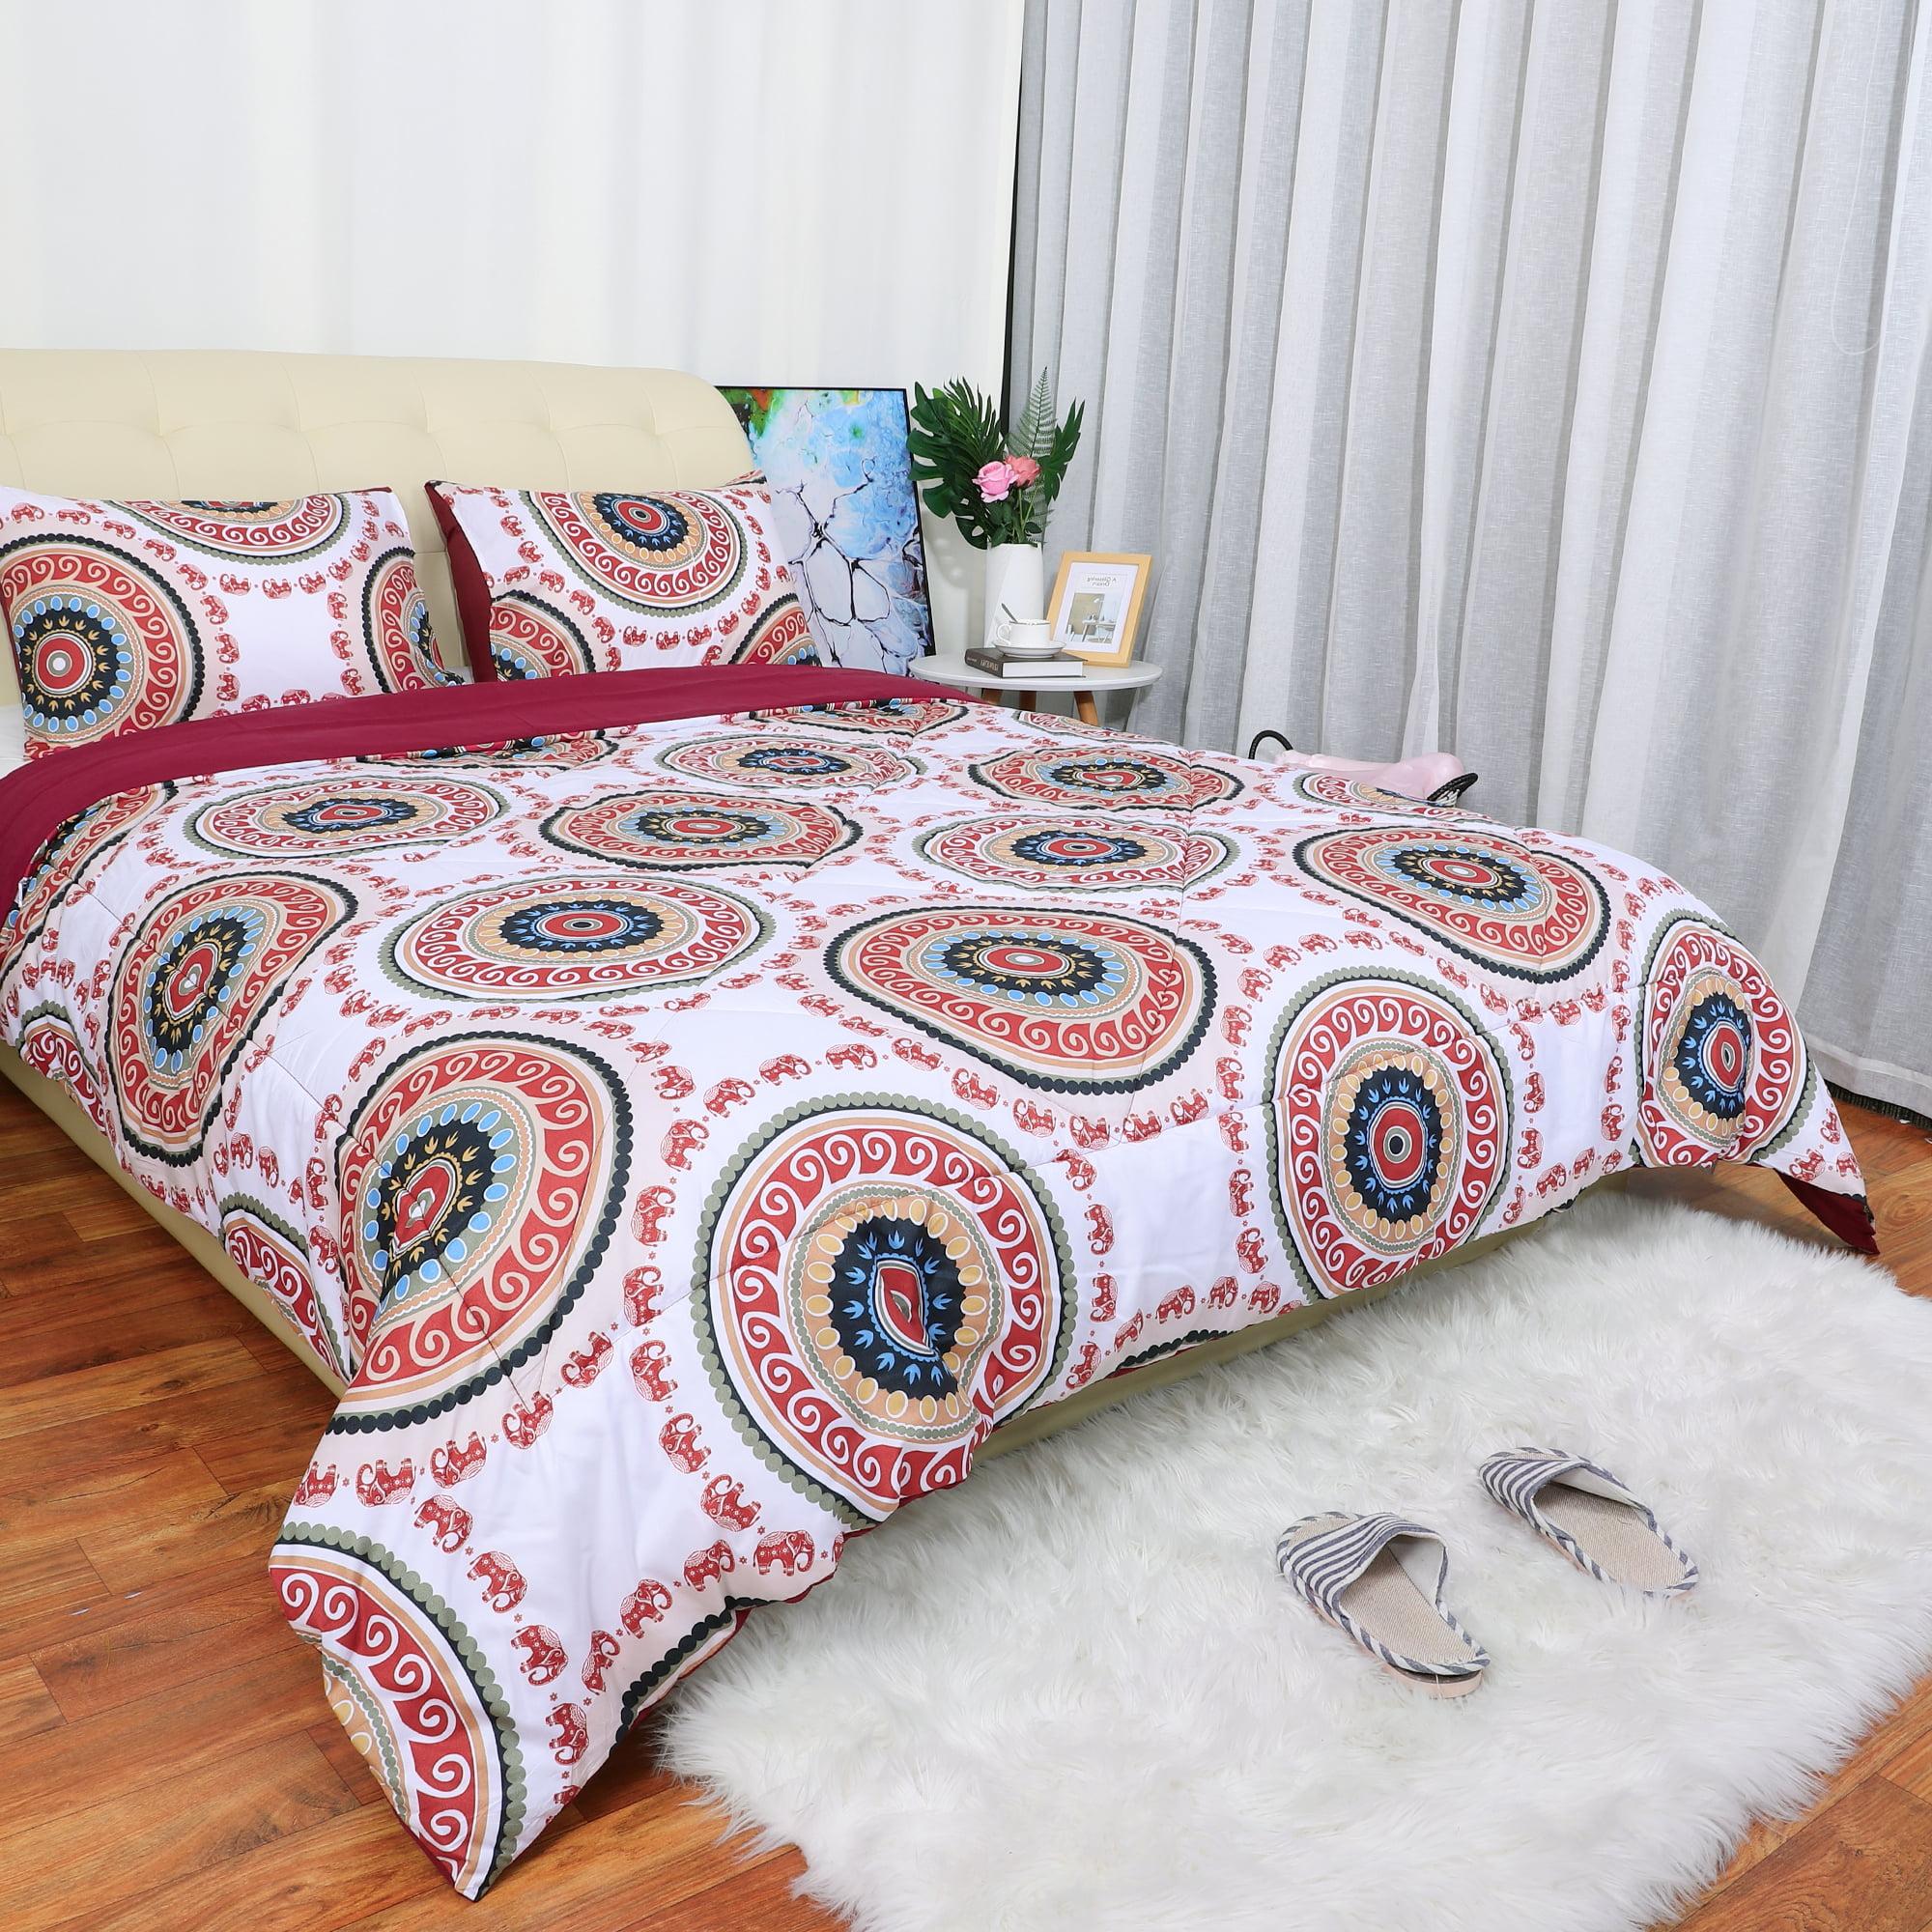 Bohemian Comforter Sets Queen With 2 Matching Pillow Shams Soft Microfiber 3 Piece Boho Mandala Quilt Set Red Queen Walmart Com Walmart Com